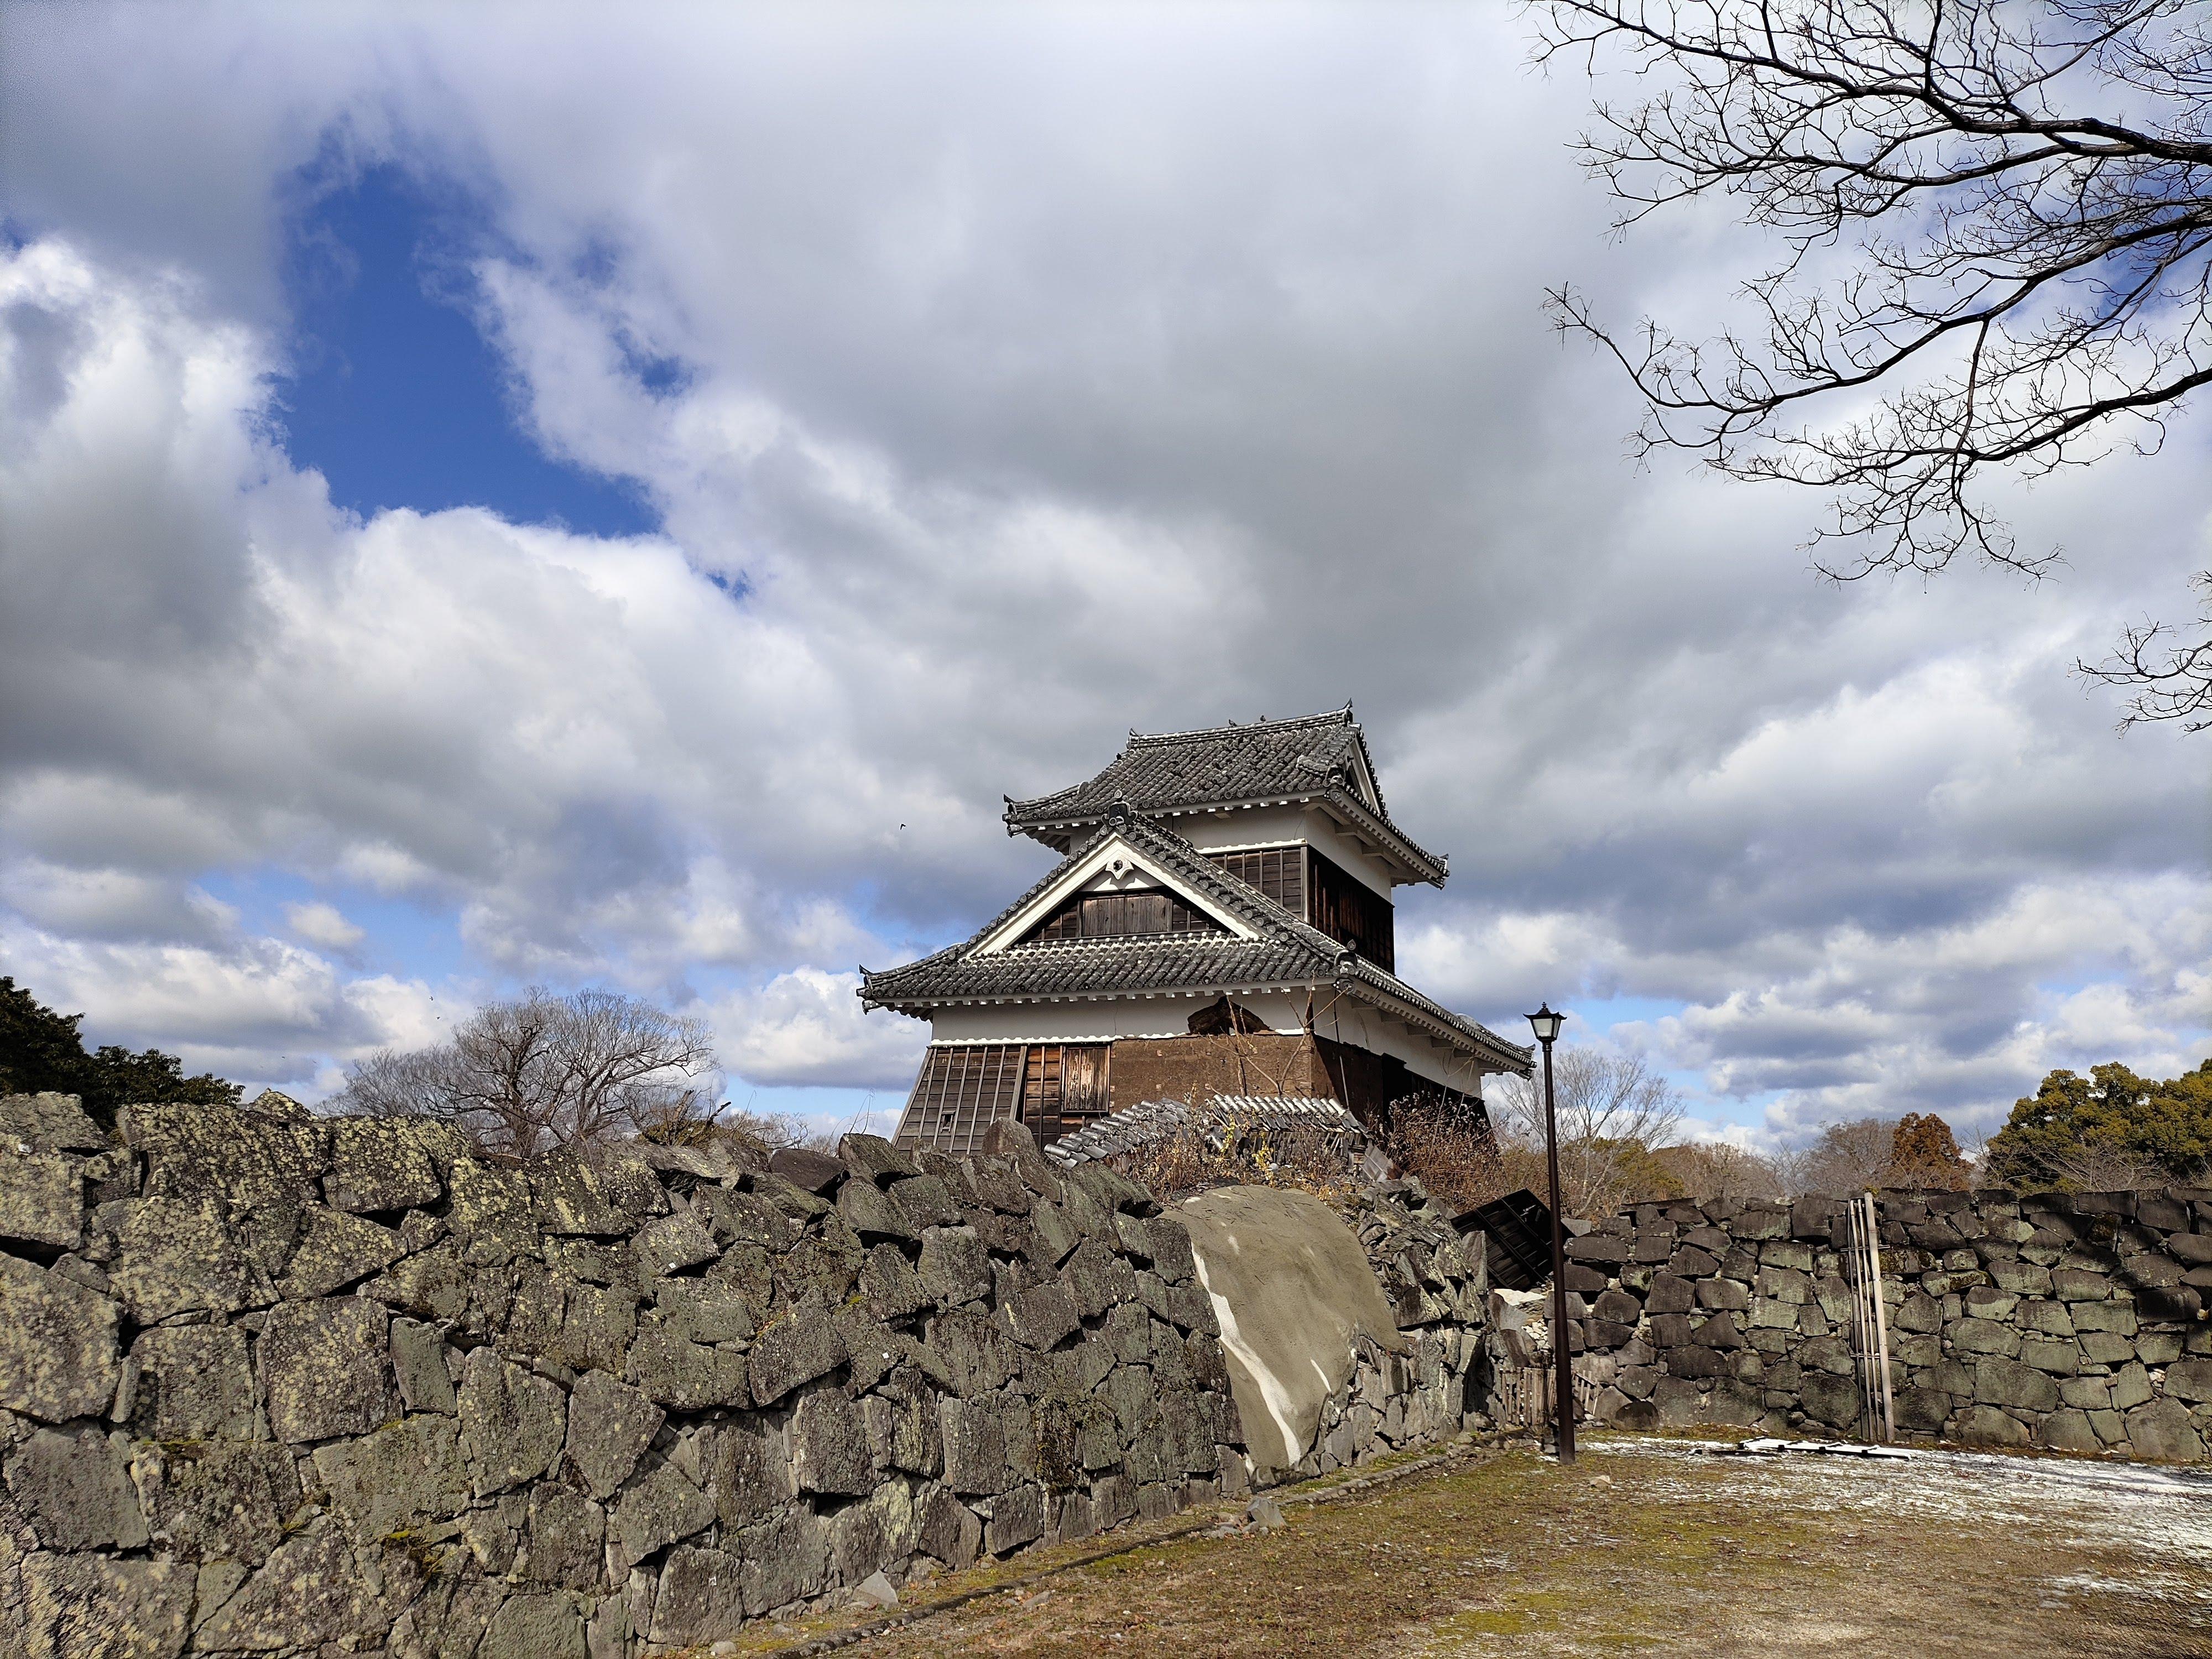 熊本地震で崩れたままの熊本城石垣と櫓